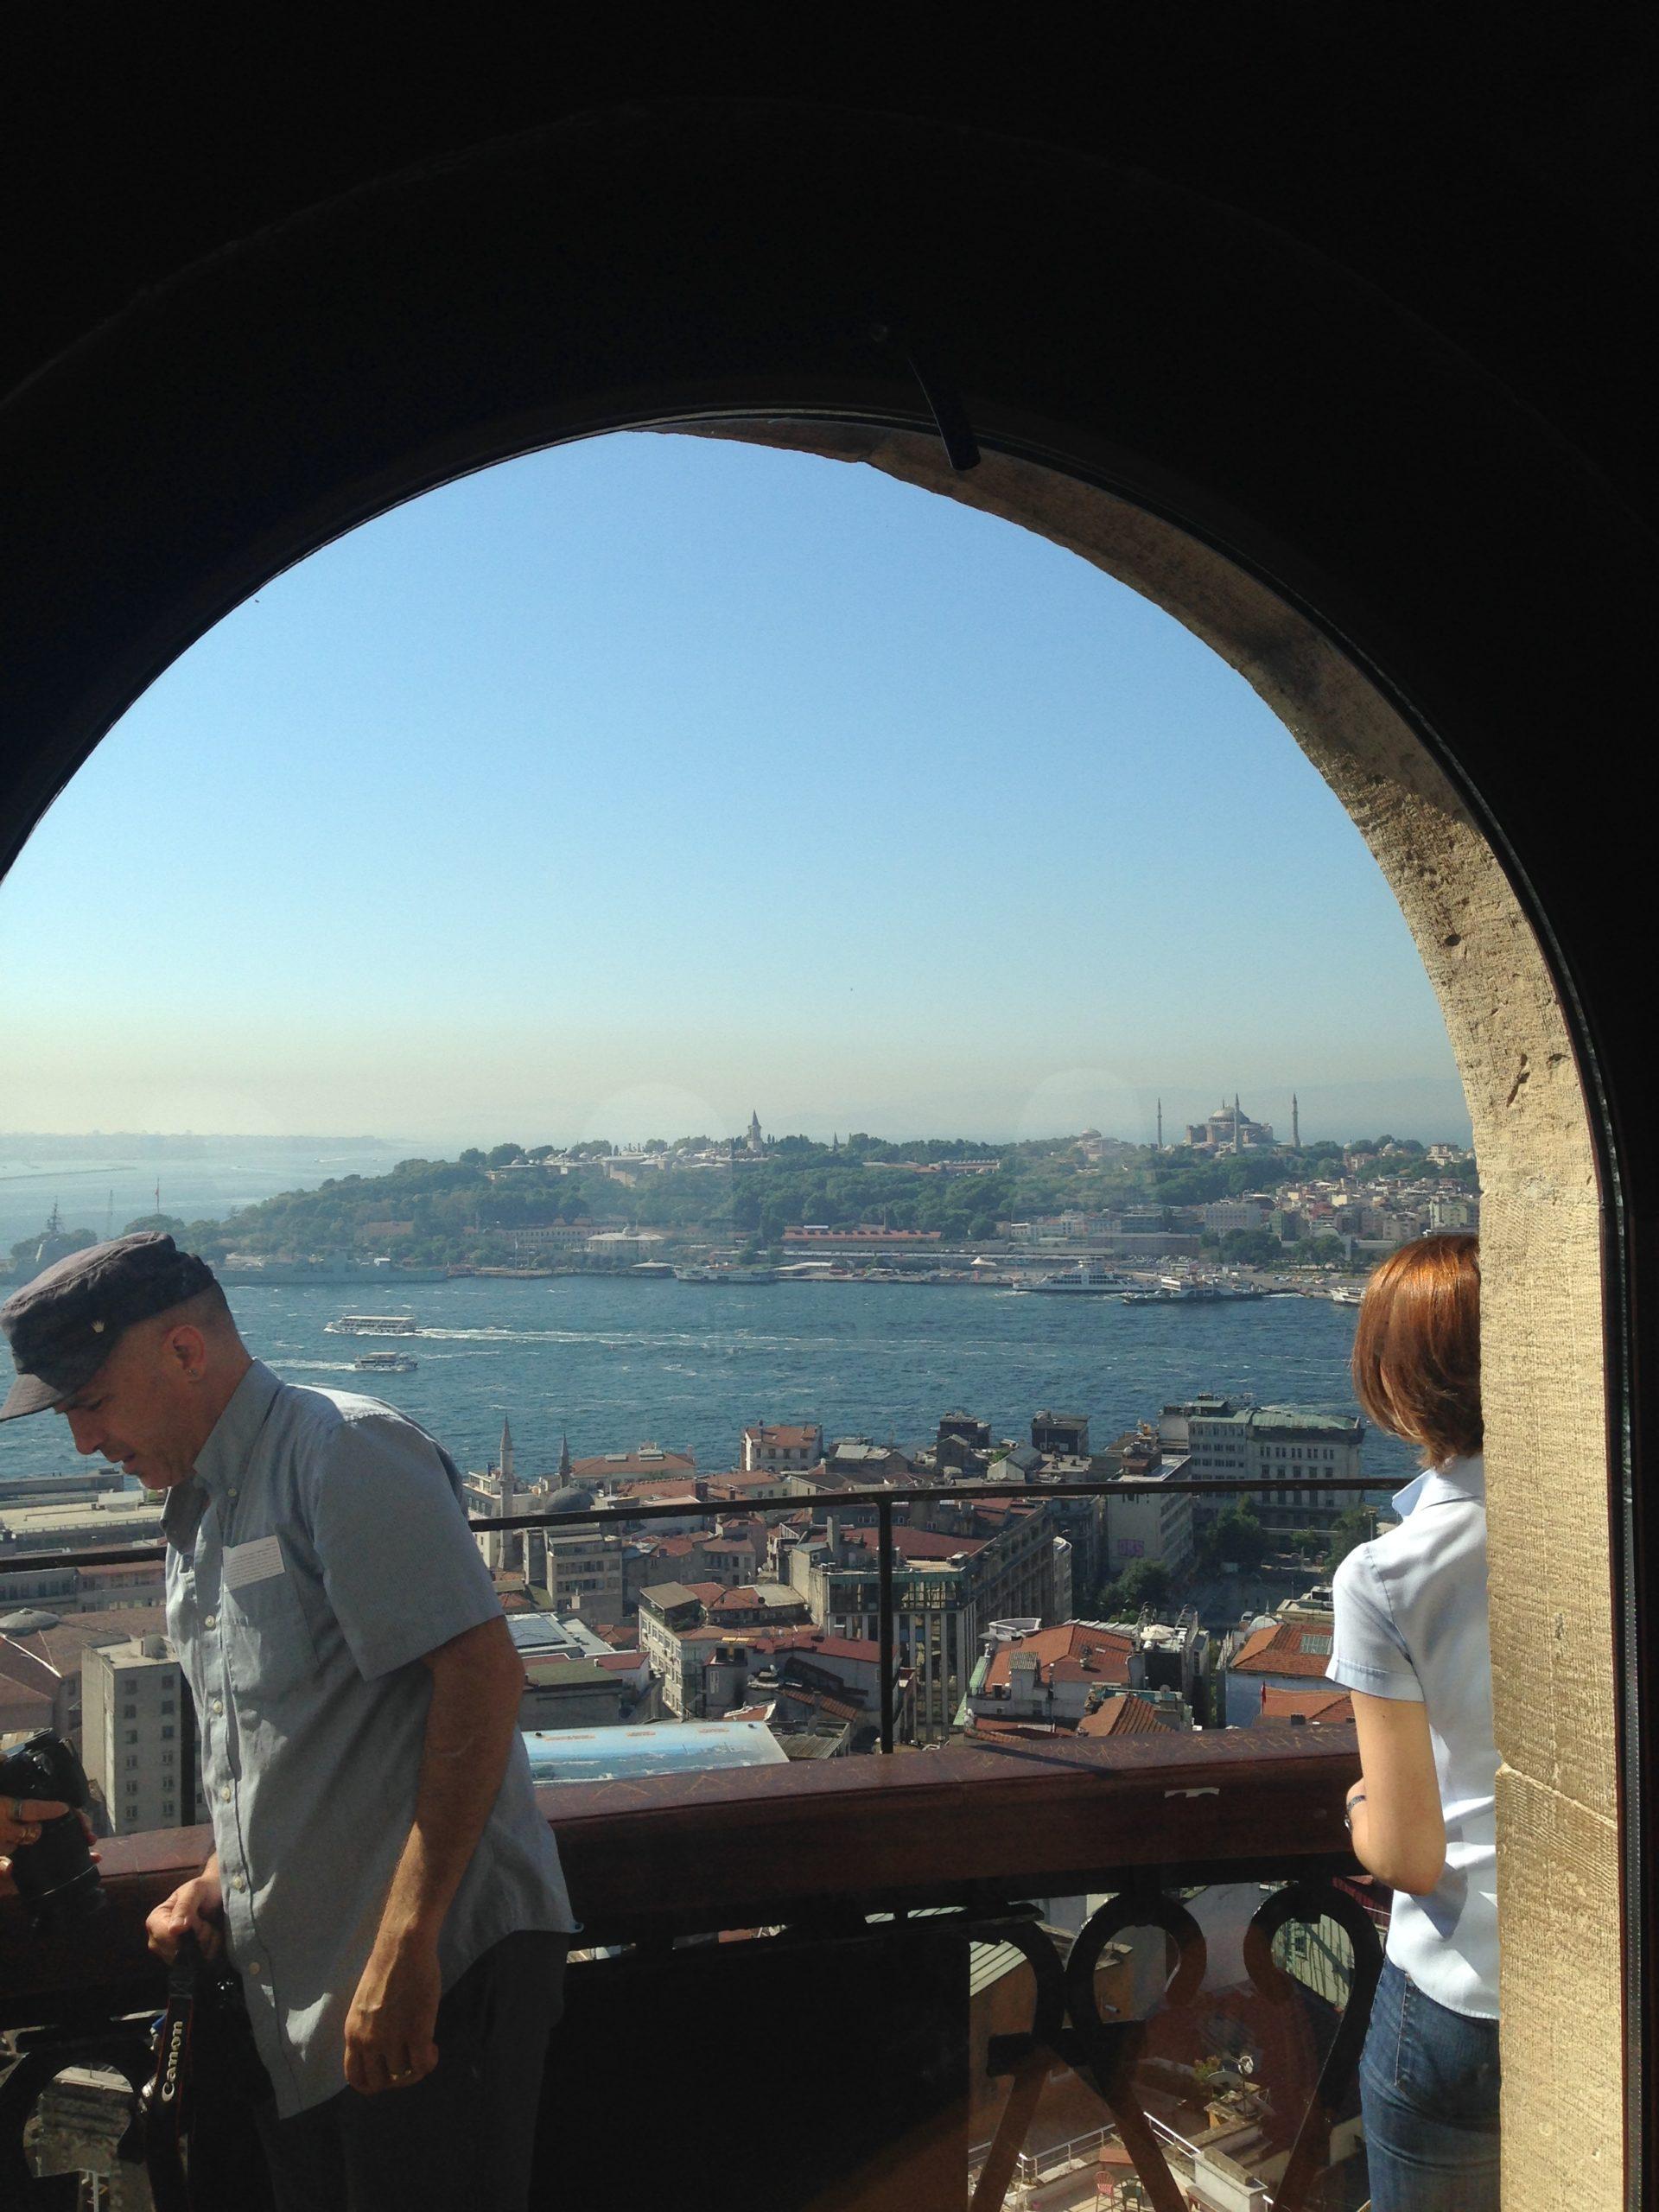 Die Aussicht auf die Stadt Istanbul ist atemberaubend. Allerdings solltest du schwindelfrei sein...